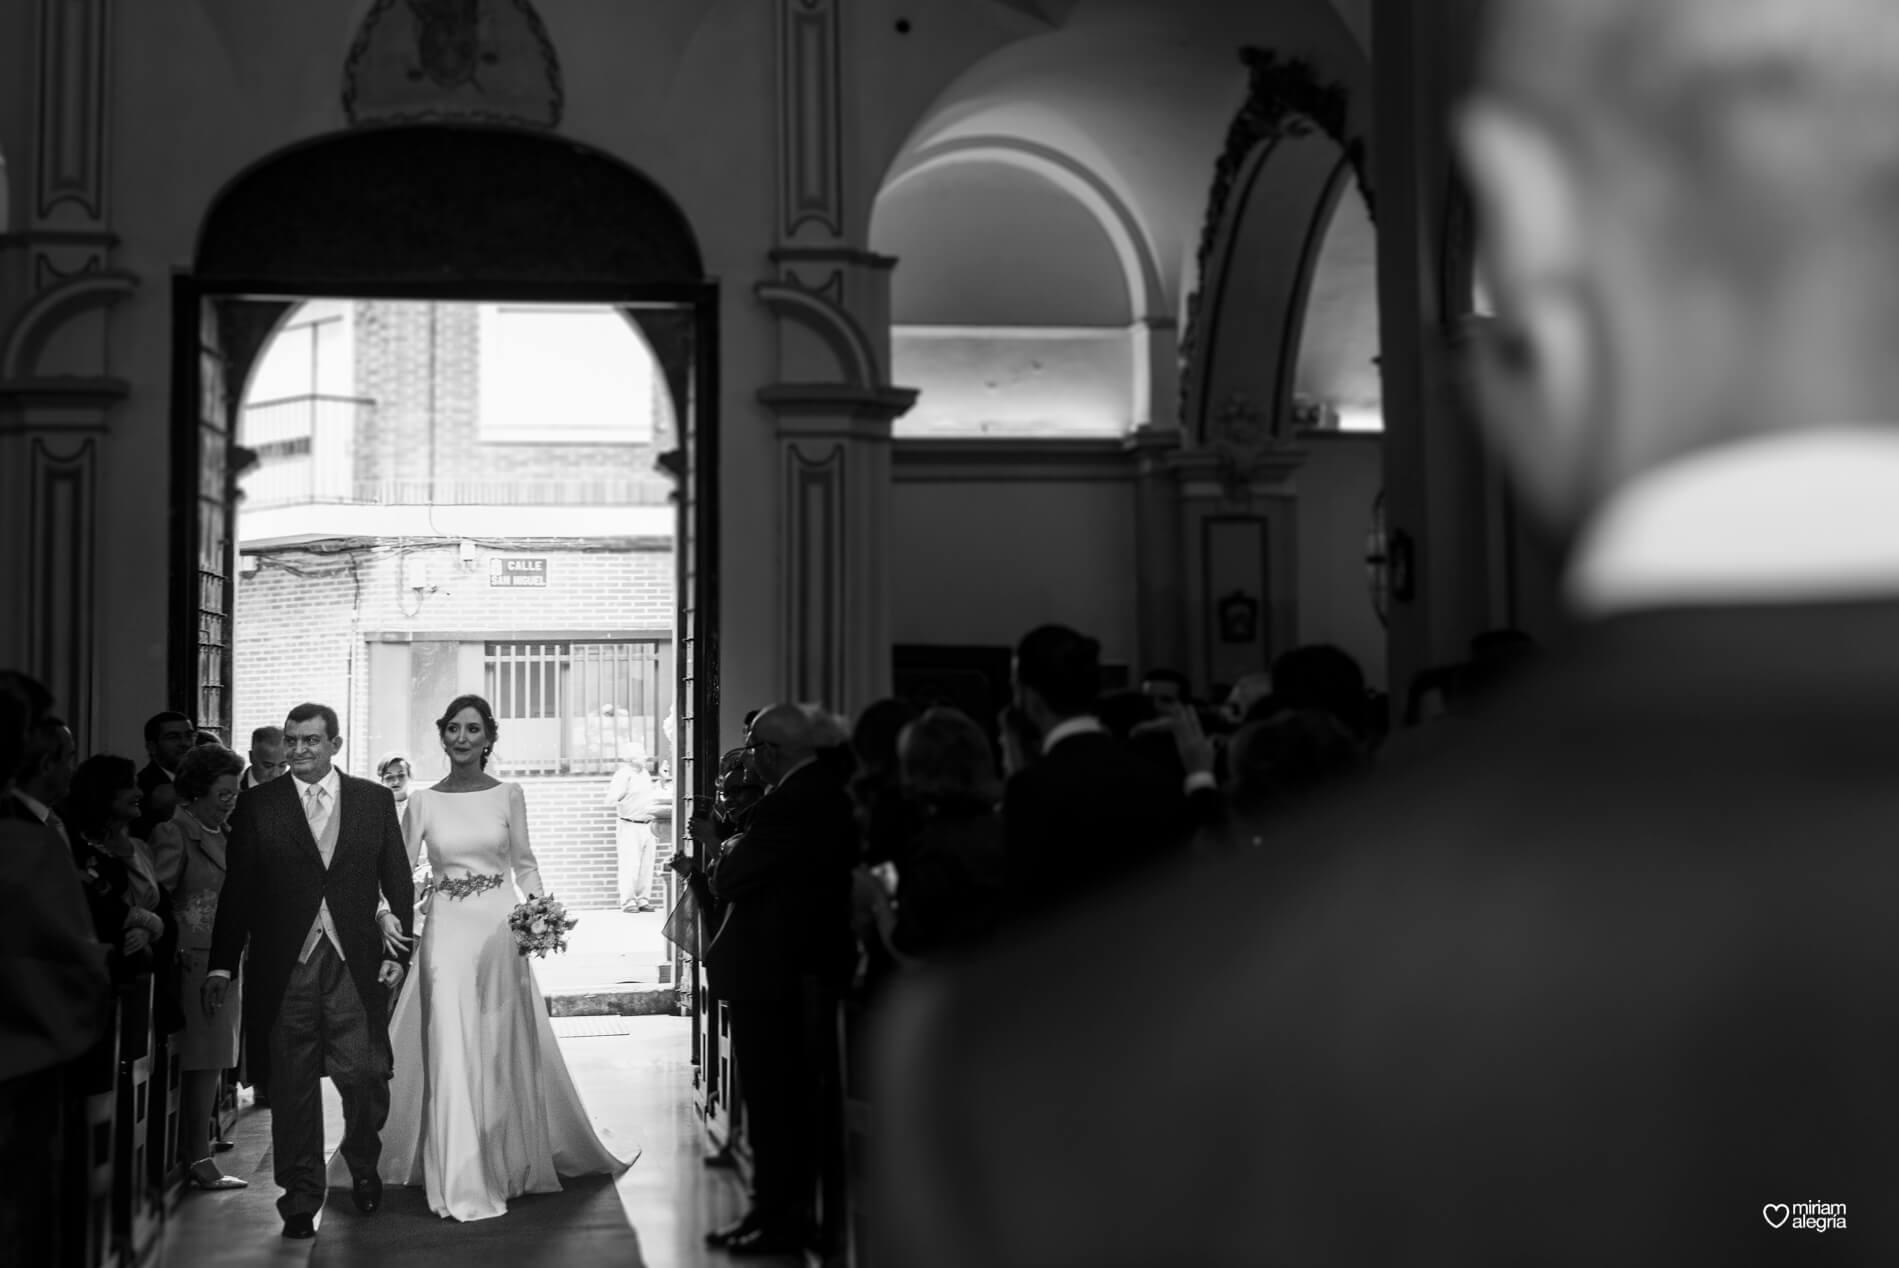 iglesia-de-san-miguel-fotografos-boda-murcia-2